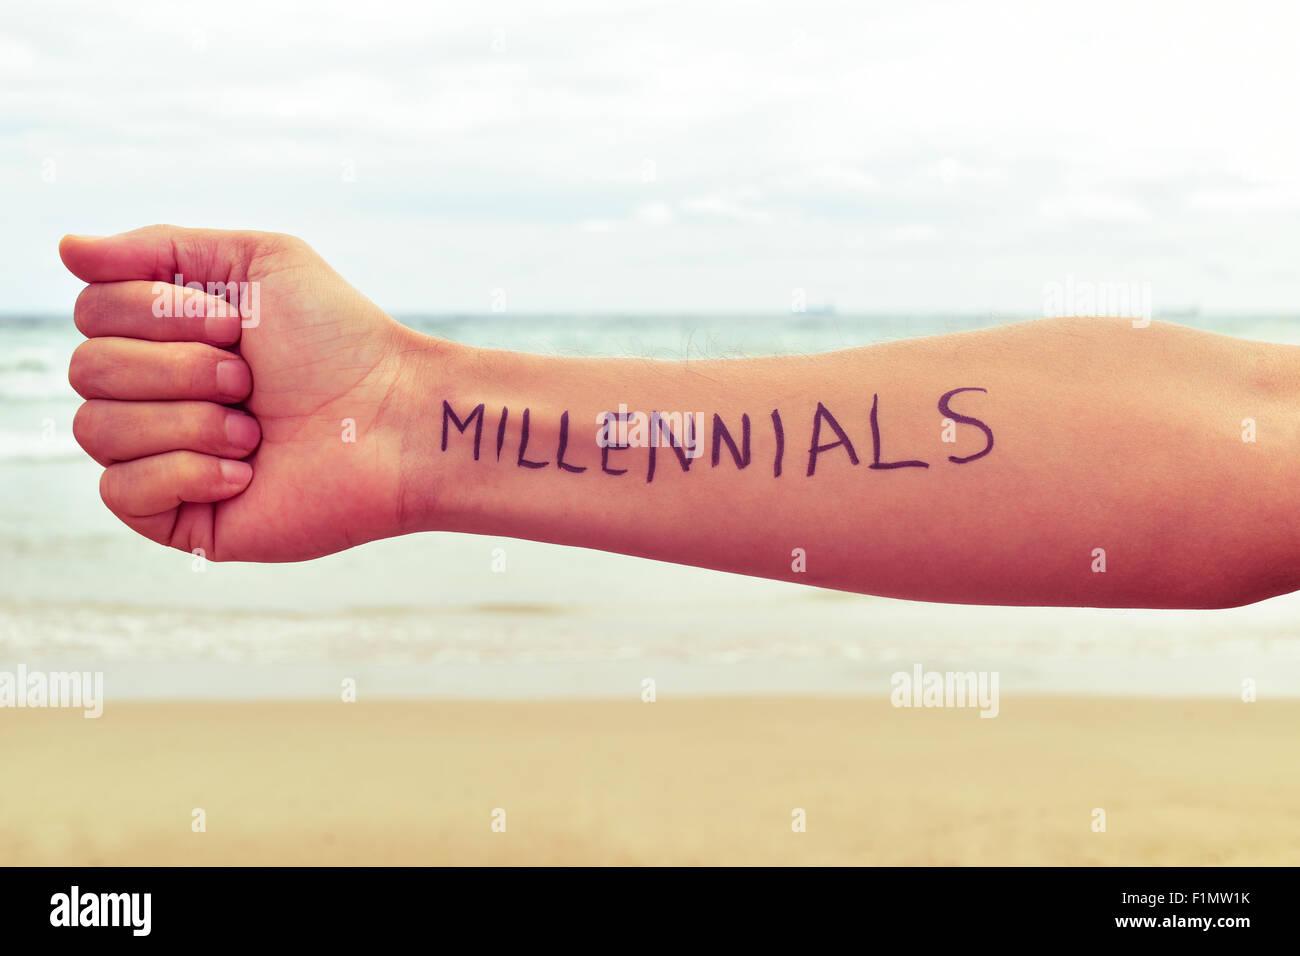 Libre D Un Jeune Homme Avec Le Mot Generation Y Ecrit Dans Son Bras